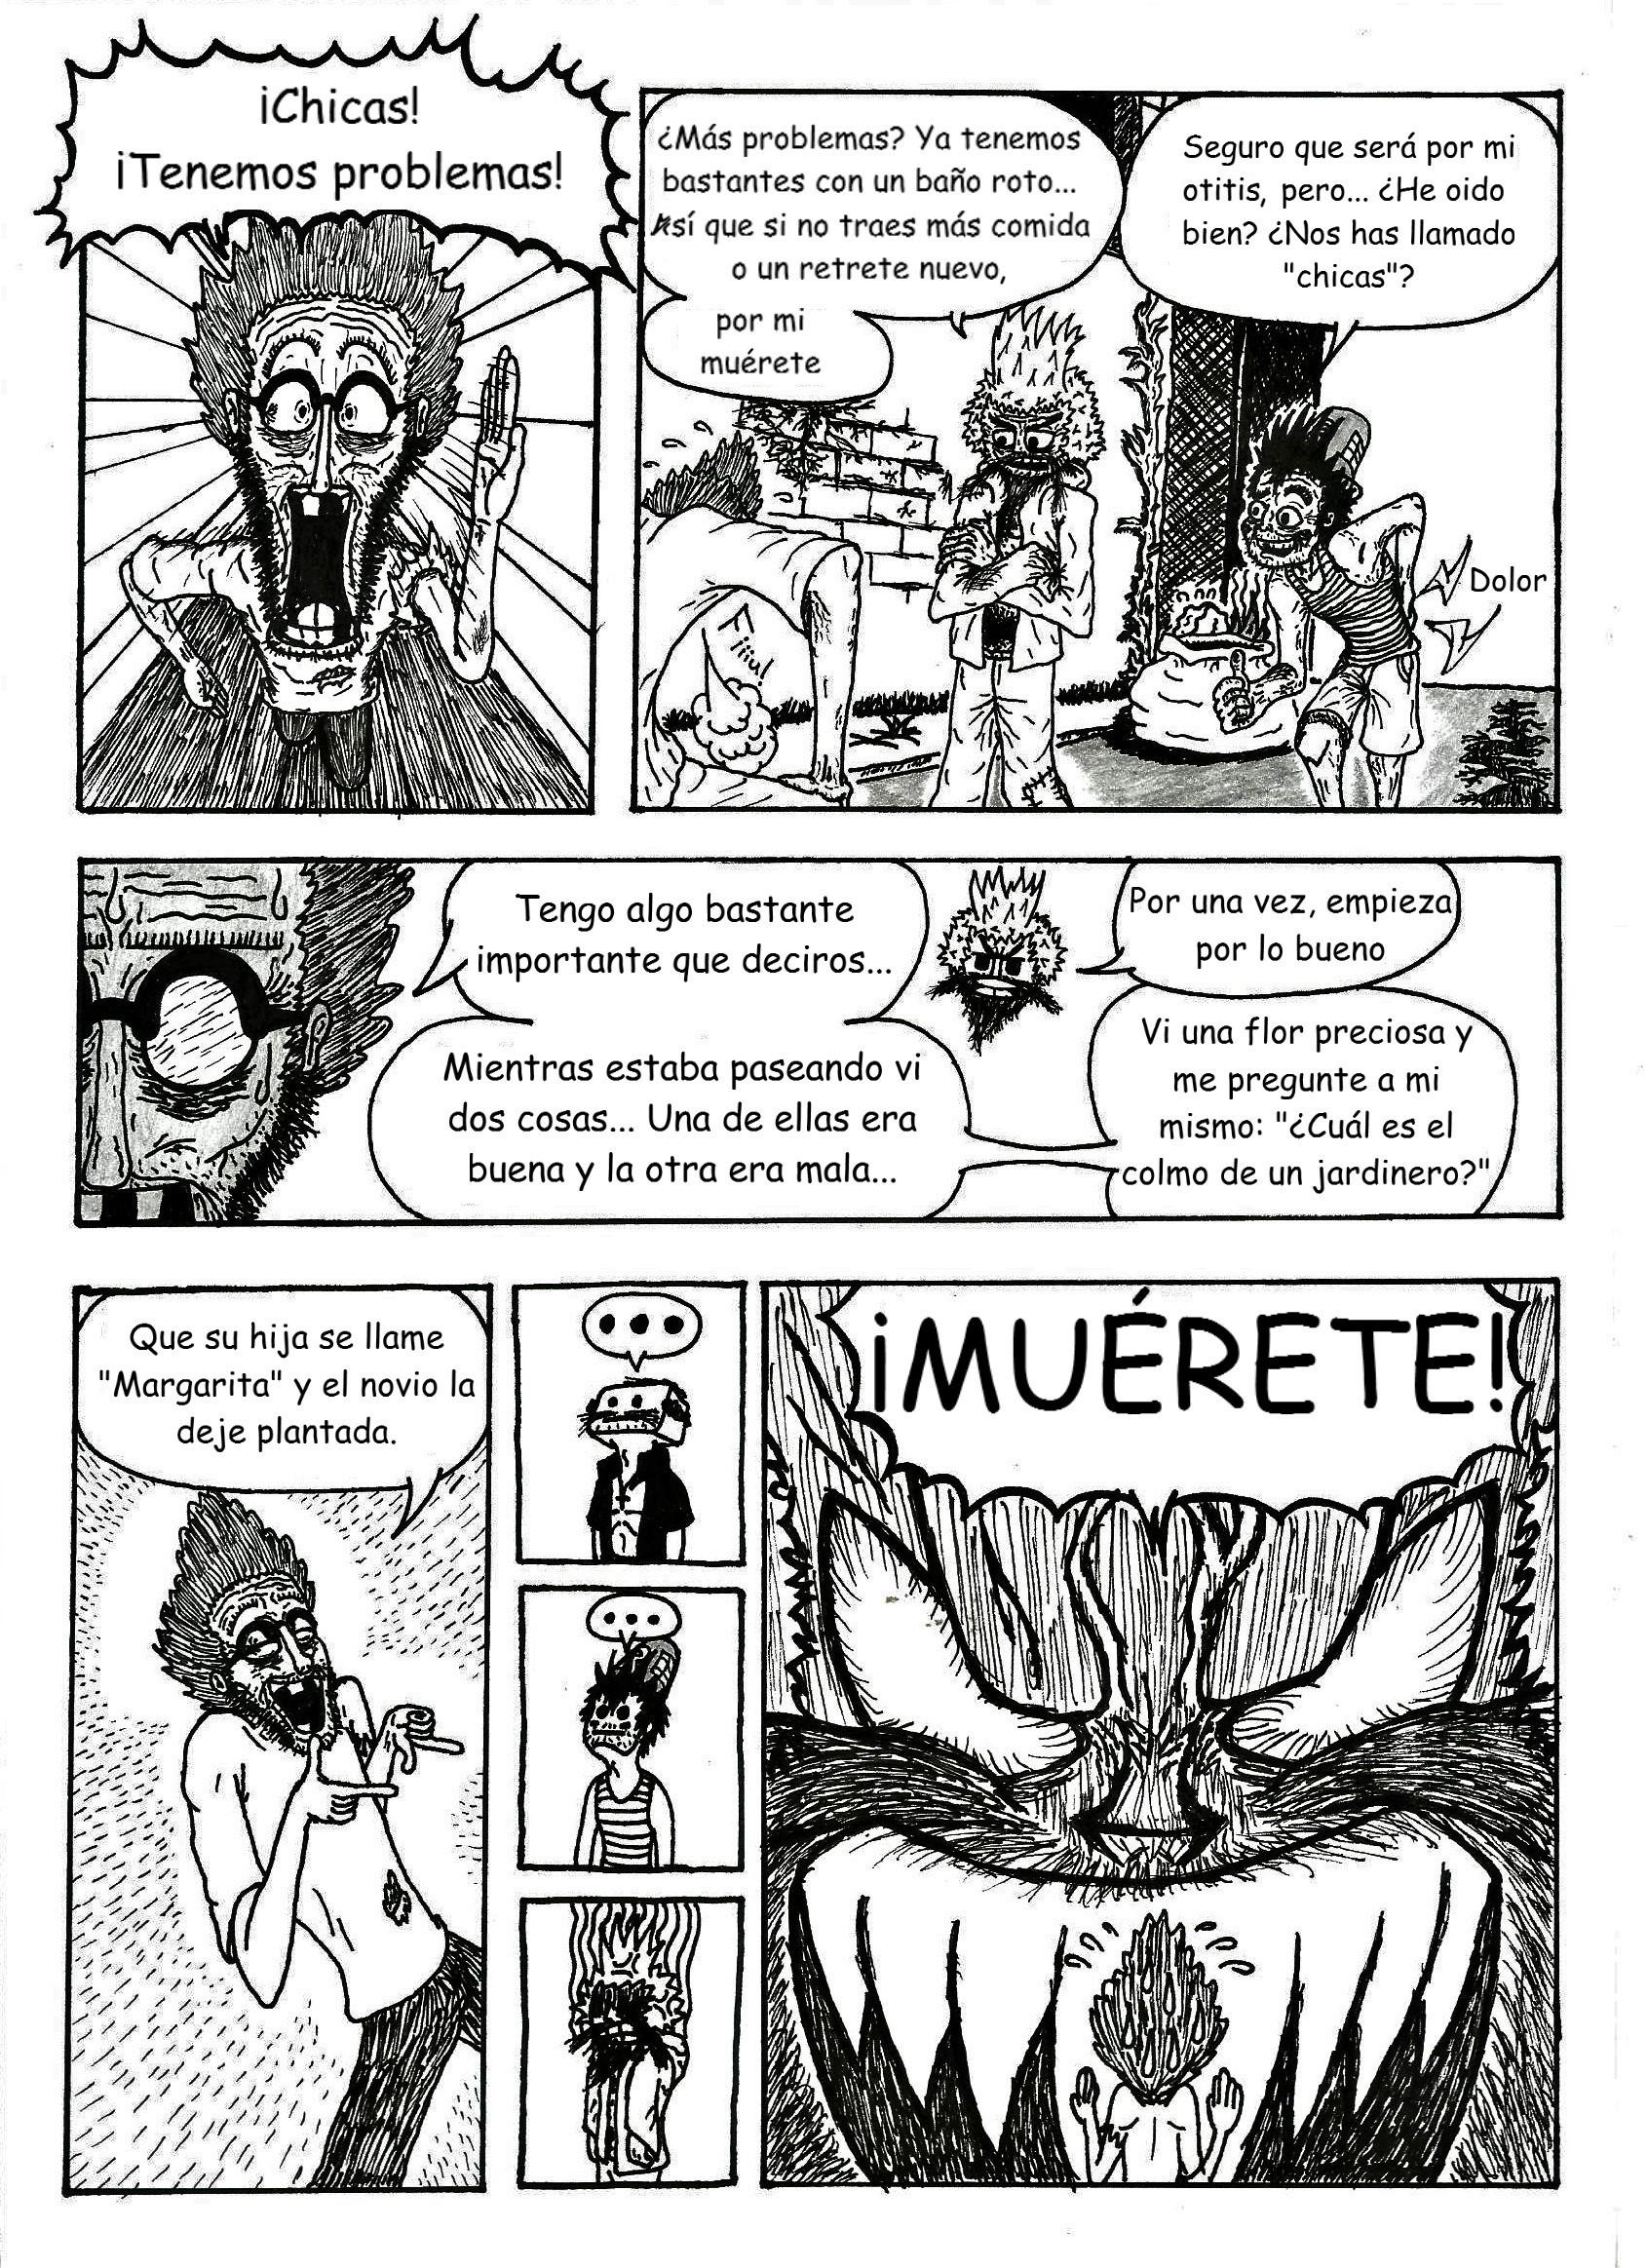 Avatar_01_J_Angel_Casado_Fuster_pagina00020